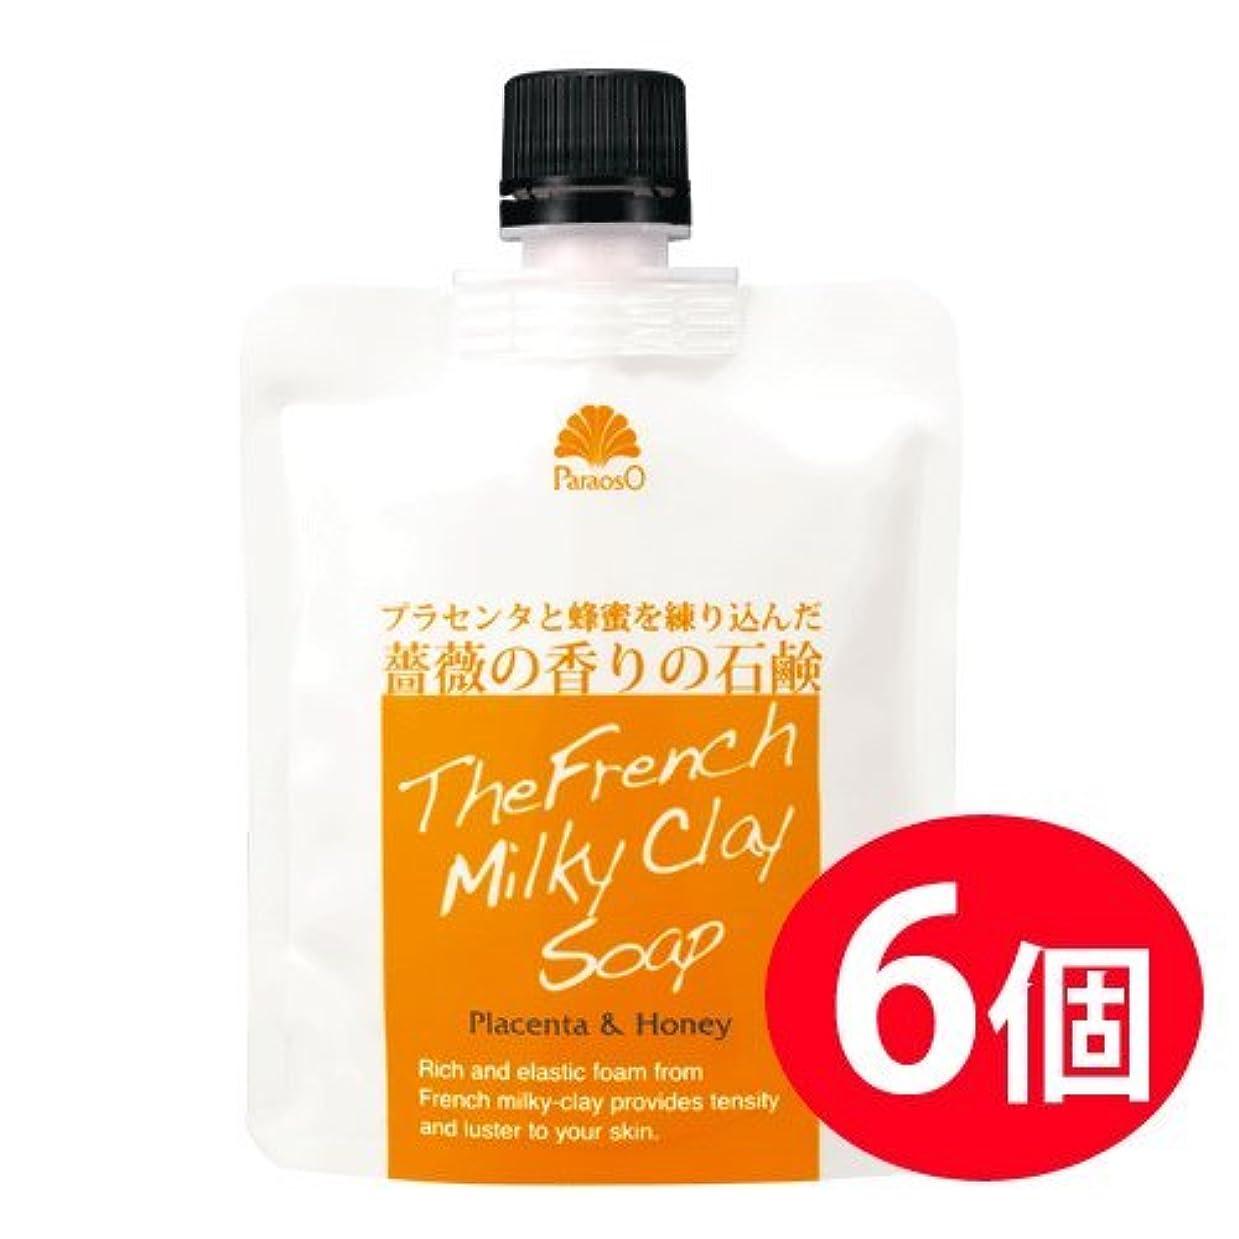 適応キャラクター発信プラセンタと蜂蜜を練り込んだ薔薇の香りの生石鹸 パラオソフレンチクレイソープ 6個